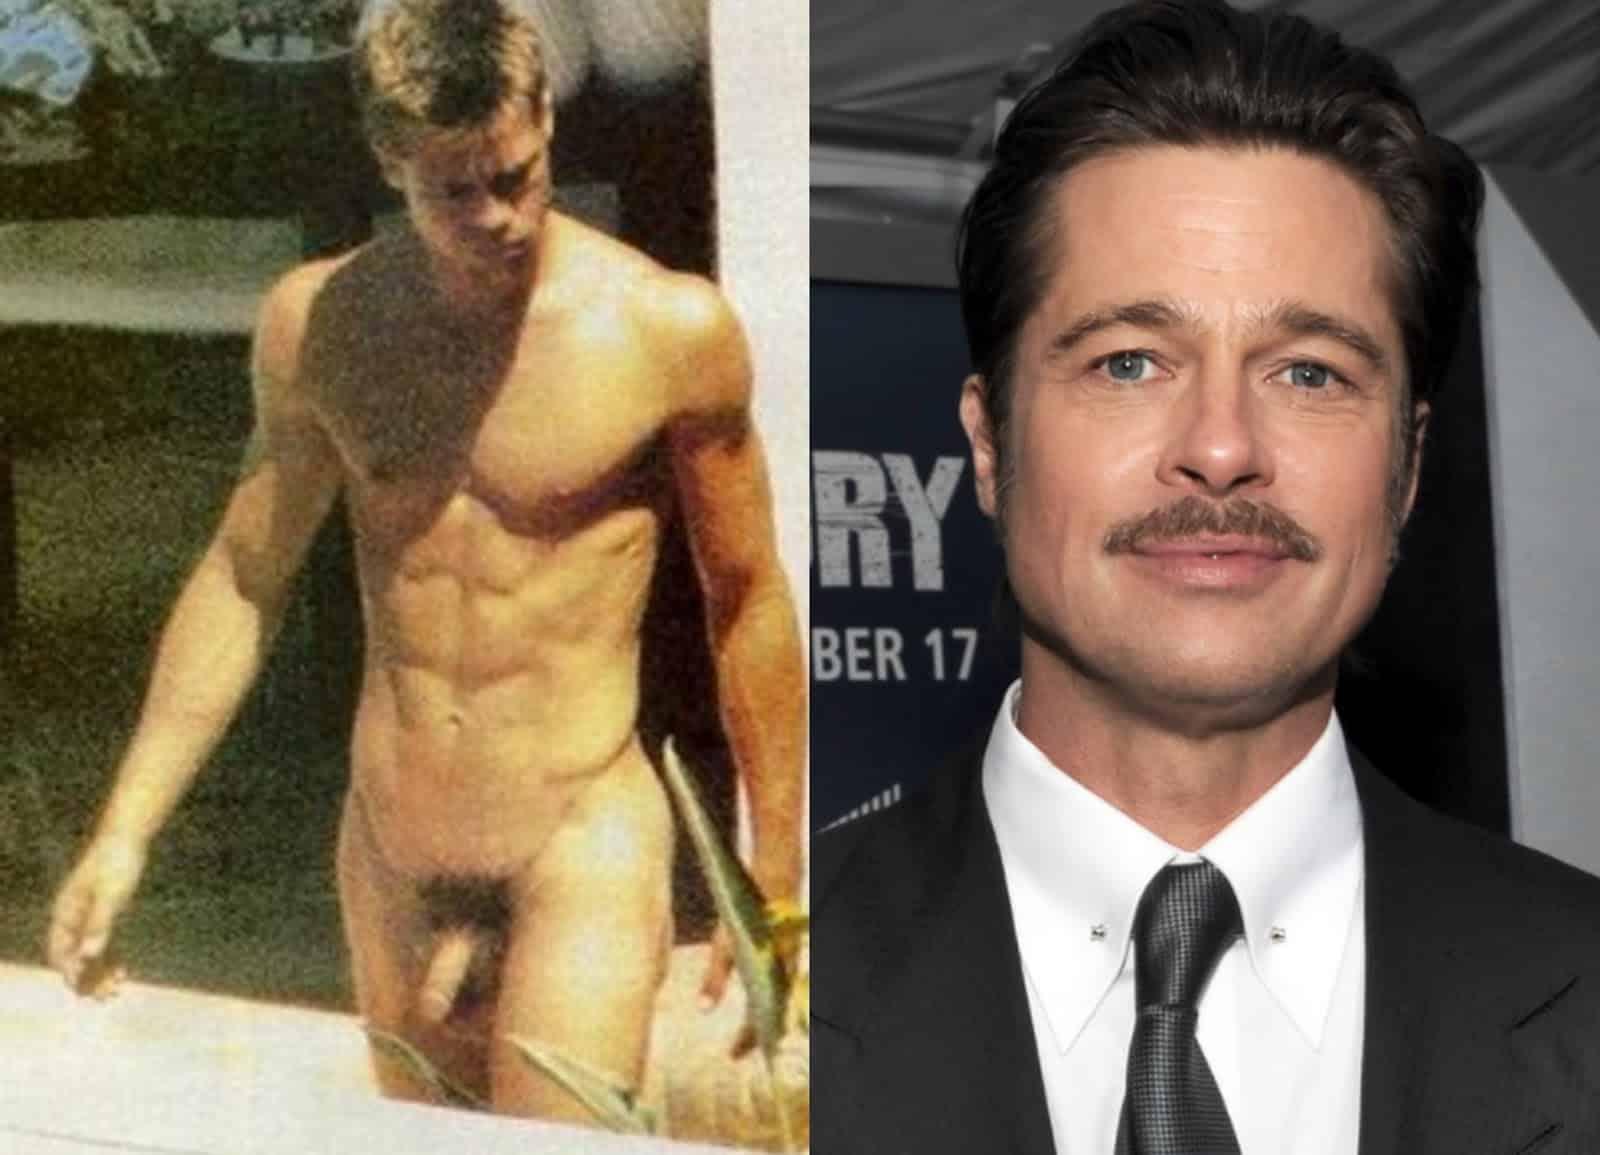 Famosos nus: Brad Pitt e seus amigos famosos pelado